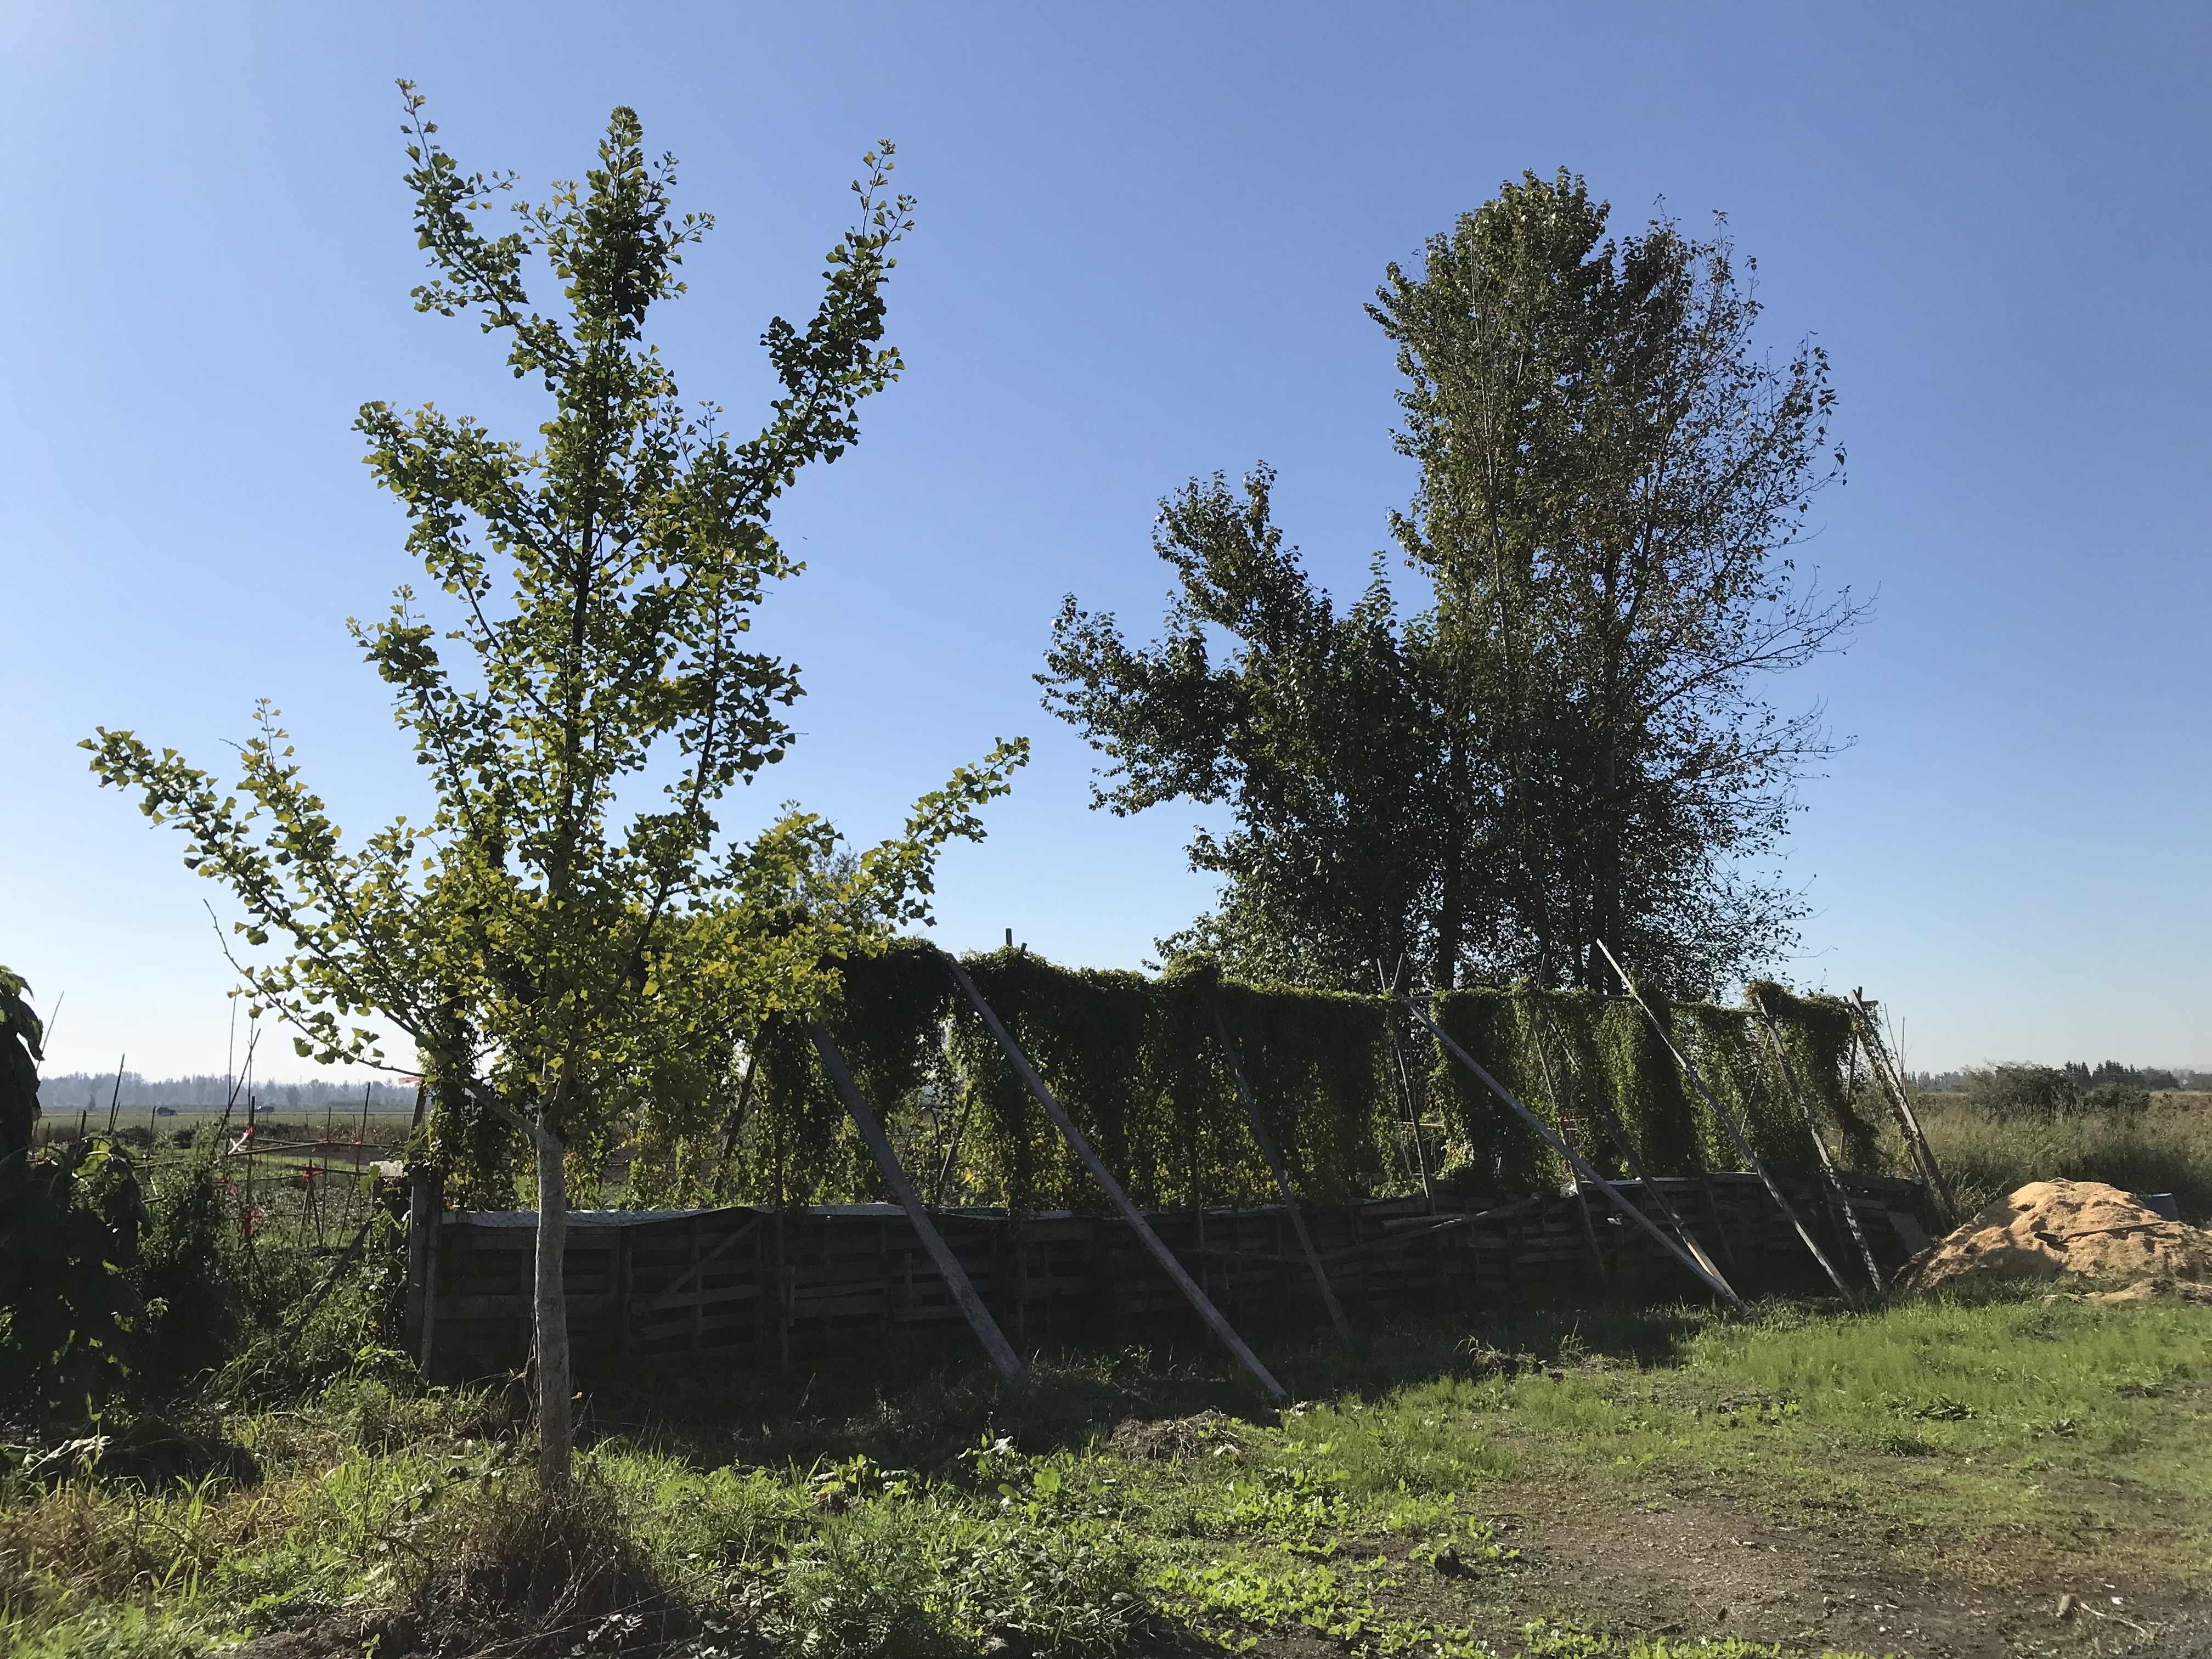 Japanese yam growing up trellises on Surrey land opportunity